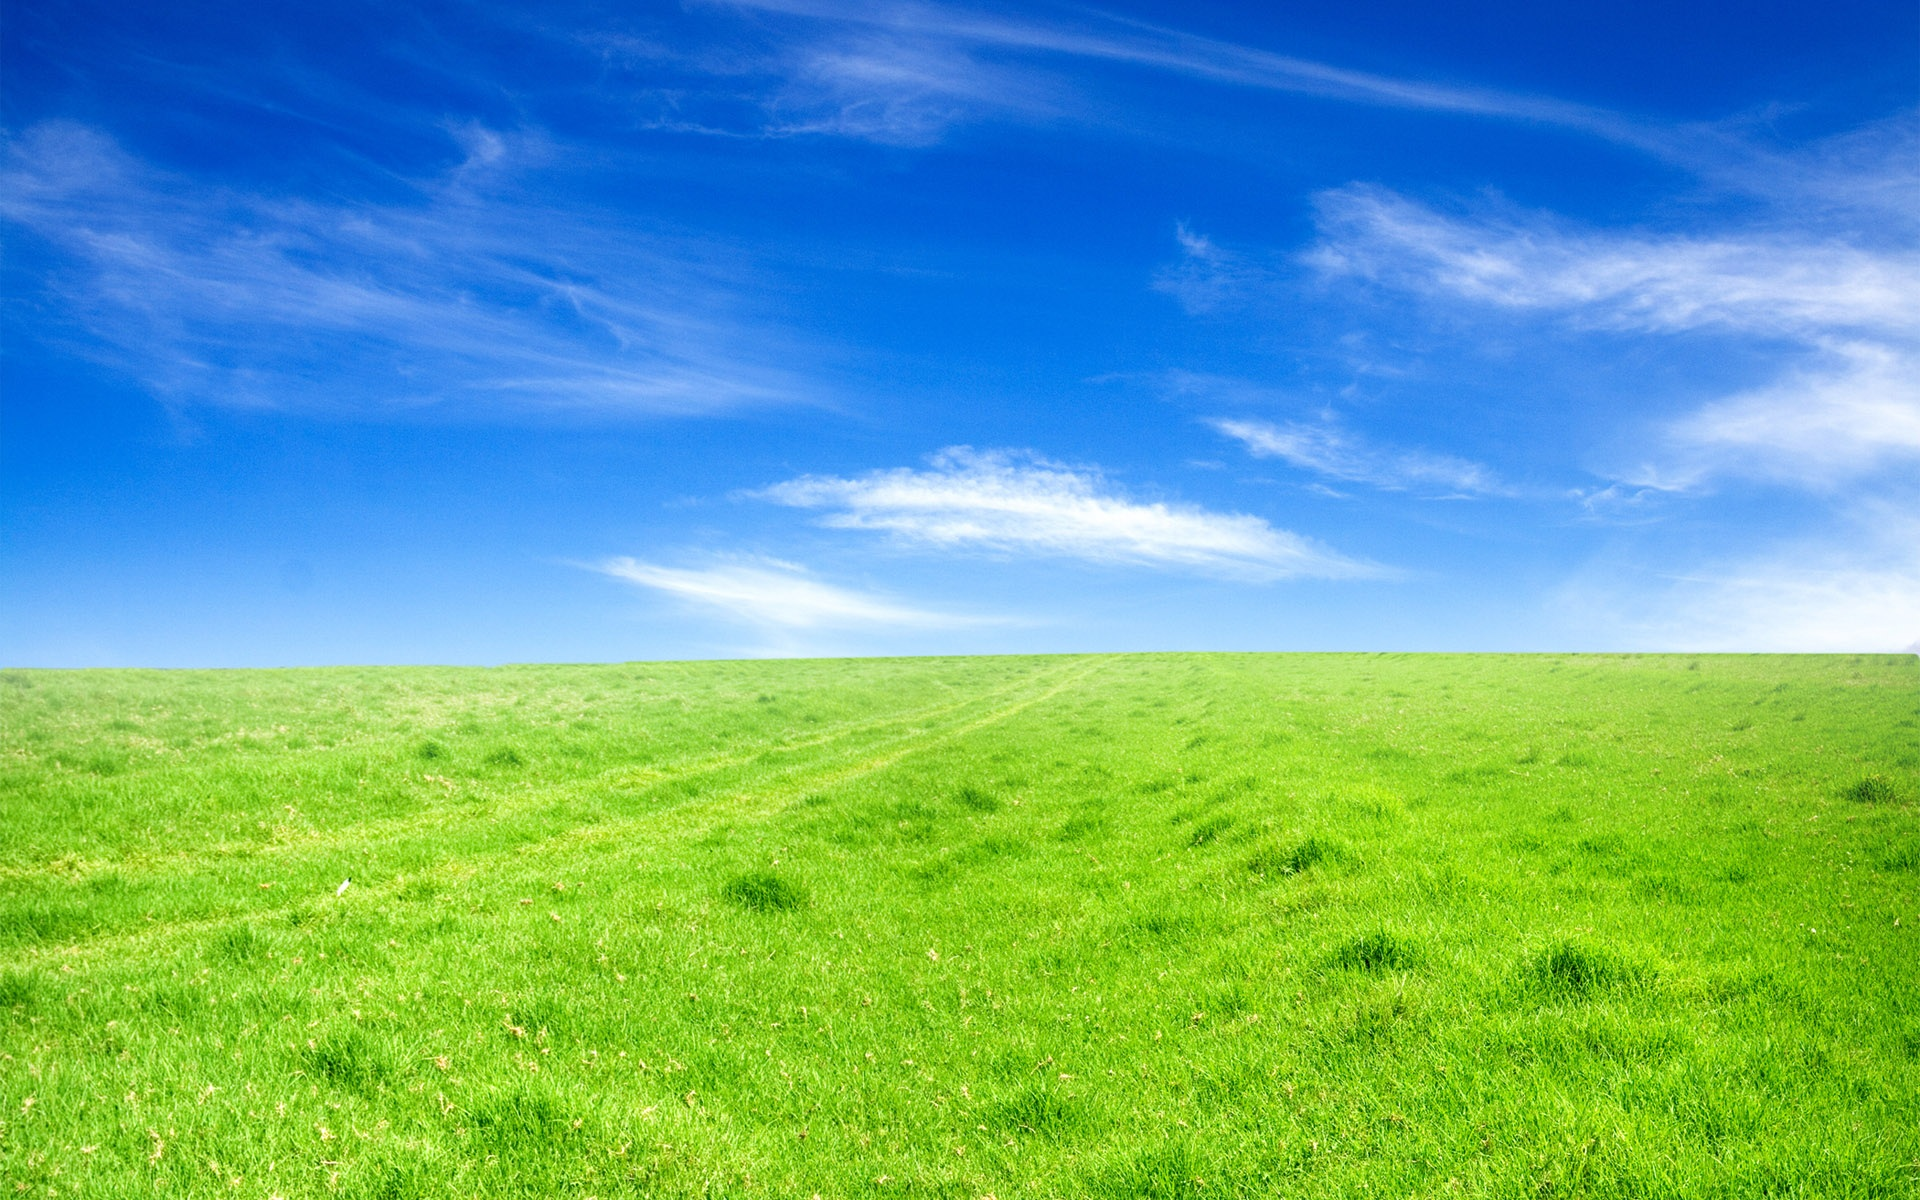 Blauer Himmel Wallpaper Grünes Gras Blauer Himmel